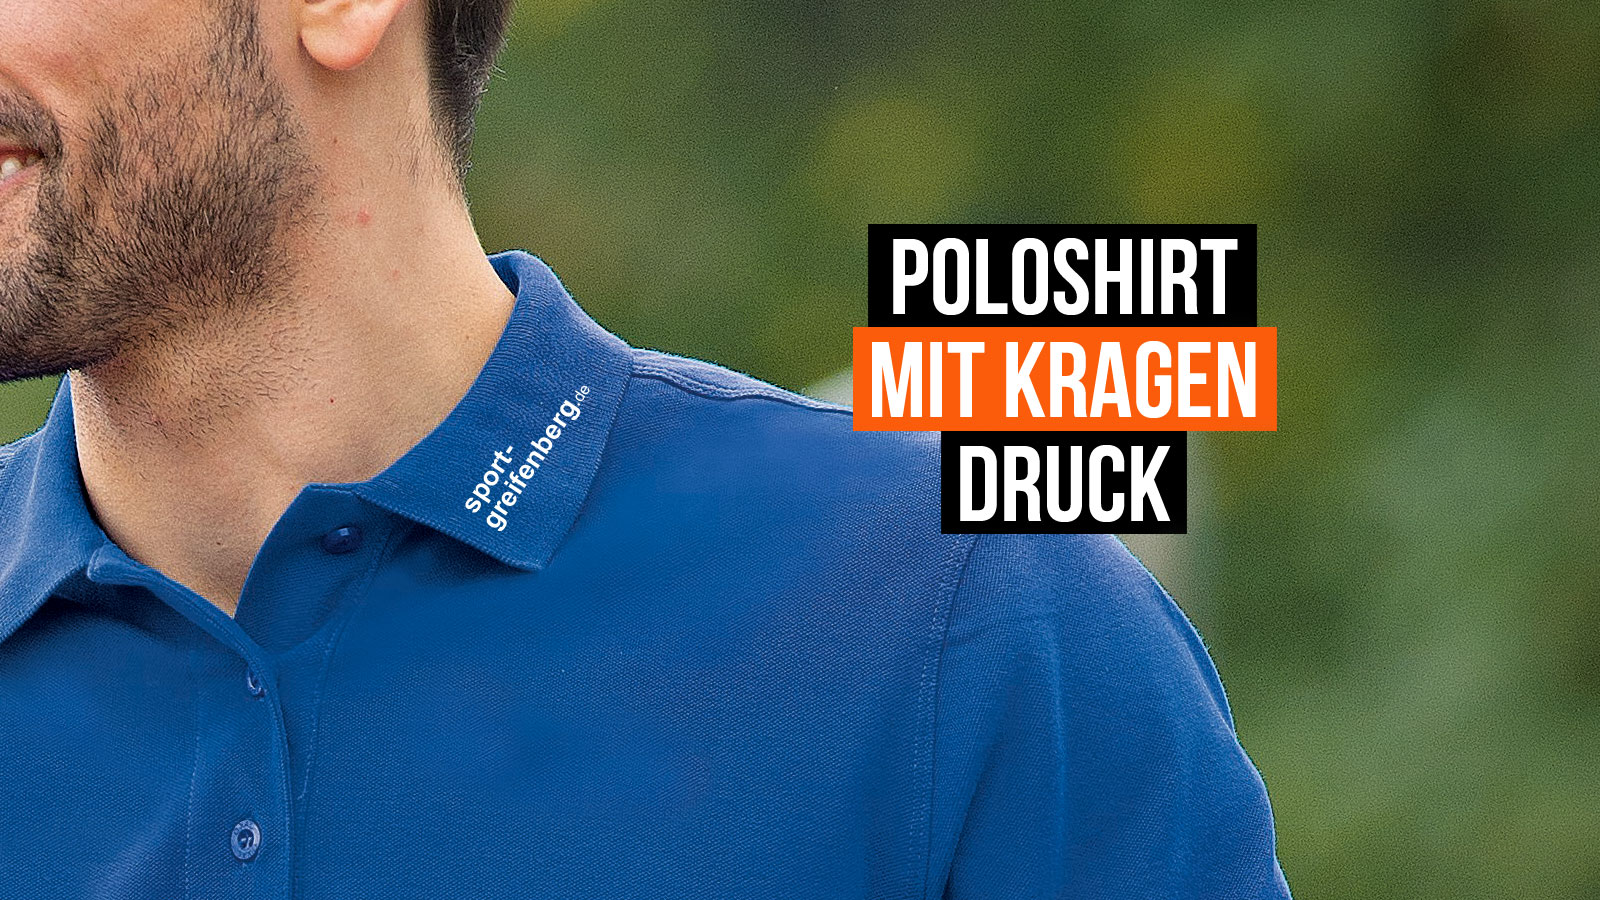 Jetzt Poloshirt auf dem Kragen bedrucken und bestellen